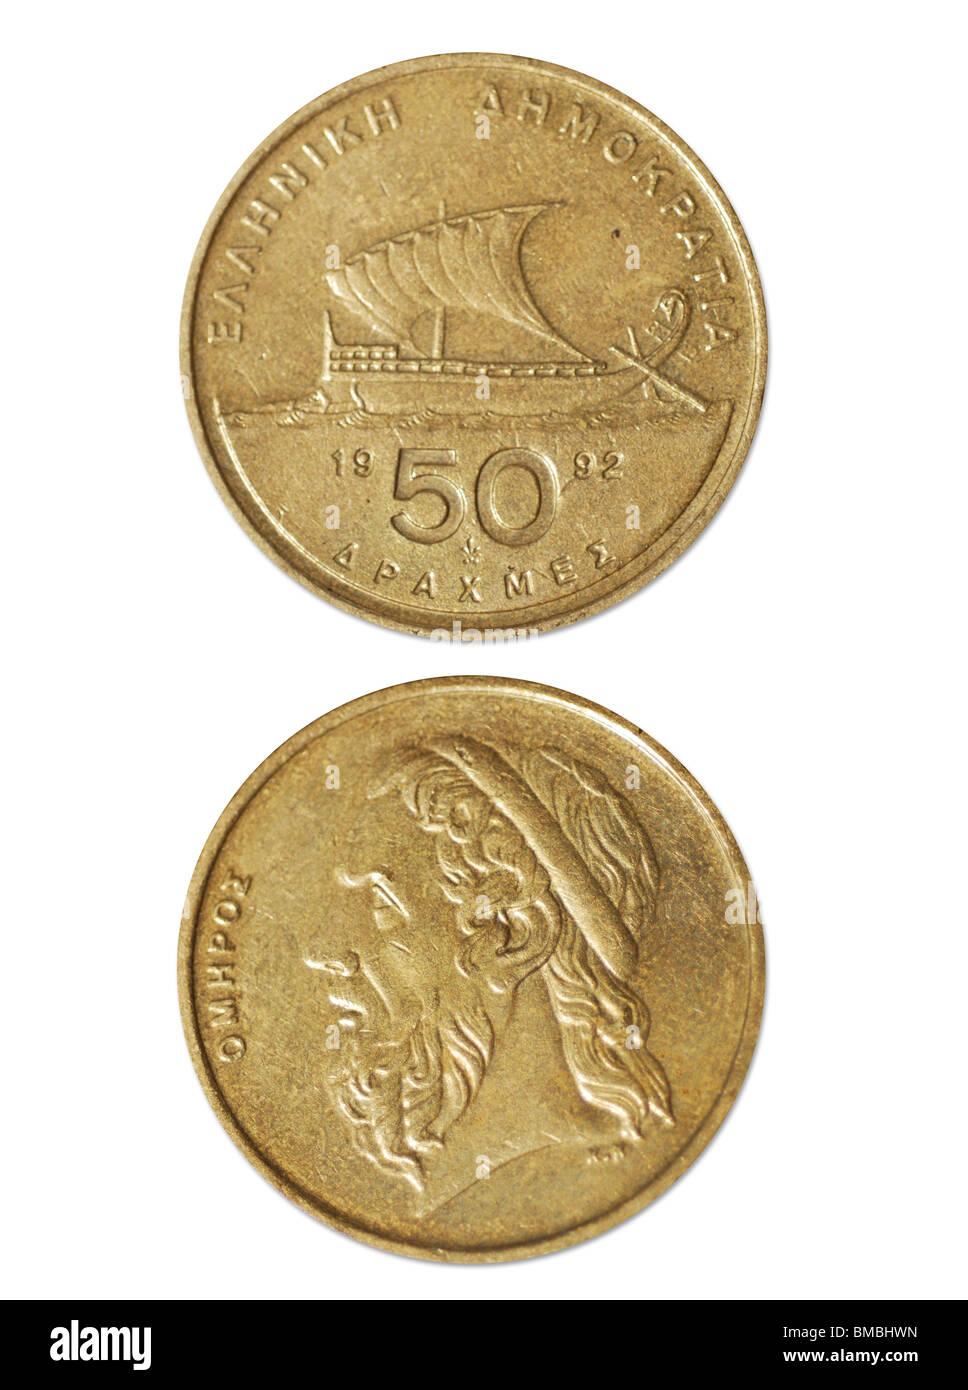 50 la antigua Grecia Drachmen dinero Foto de stock